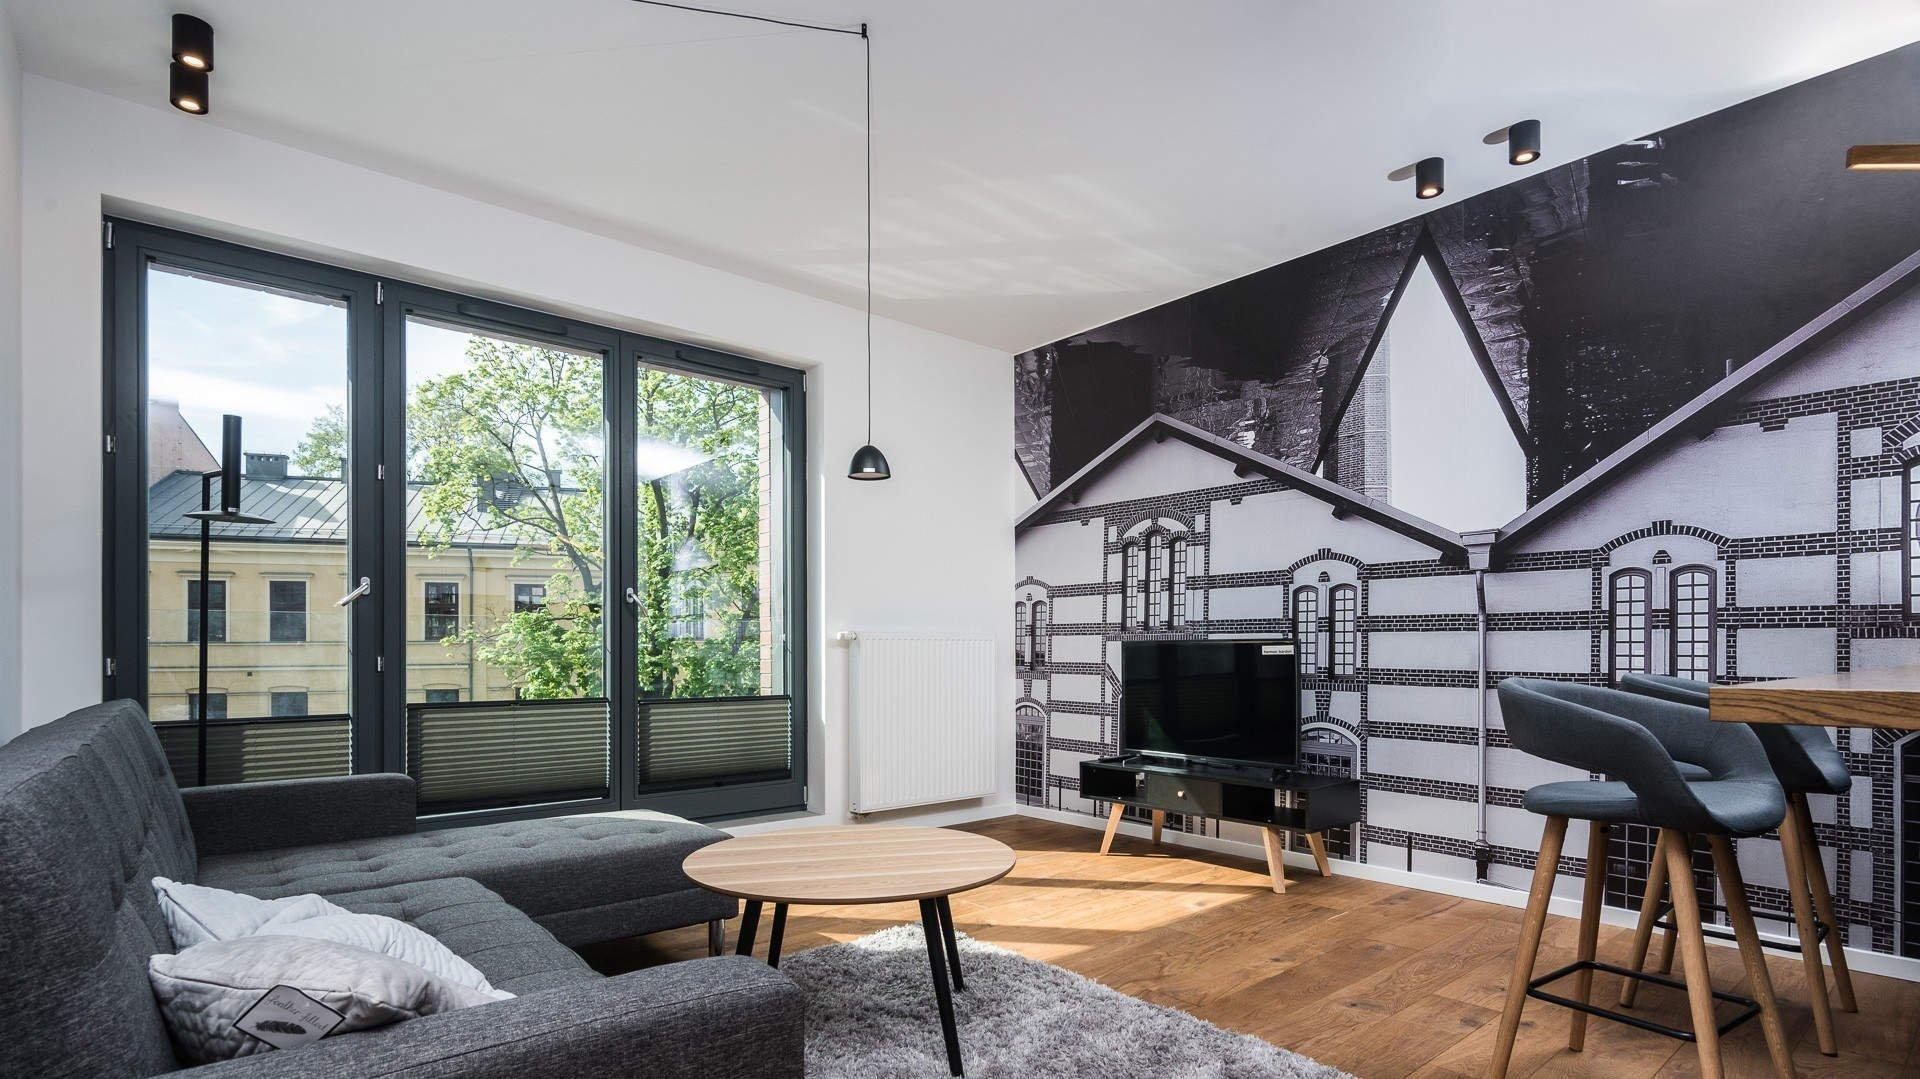 O tom, že šedá vůbec nemusí být nudná, svědčí tento komfortní byt v Krakově. V kombinaci s bílou výmalbou a hřejivým dřevem působí velice útulně a elegantně. K tomu dopomáhá světelný komfort interiéru, důraz na kvalitní materiály a minimalistický styl.